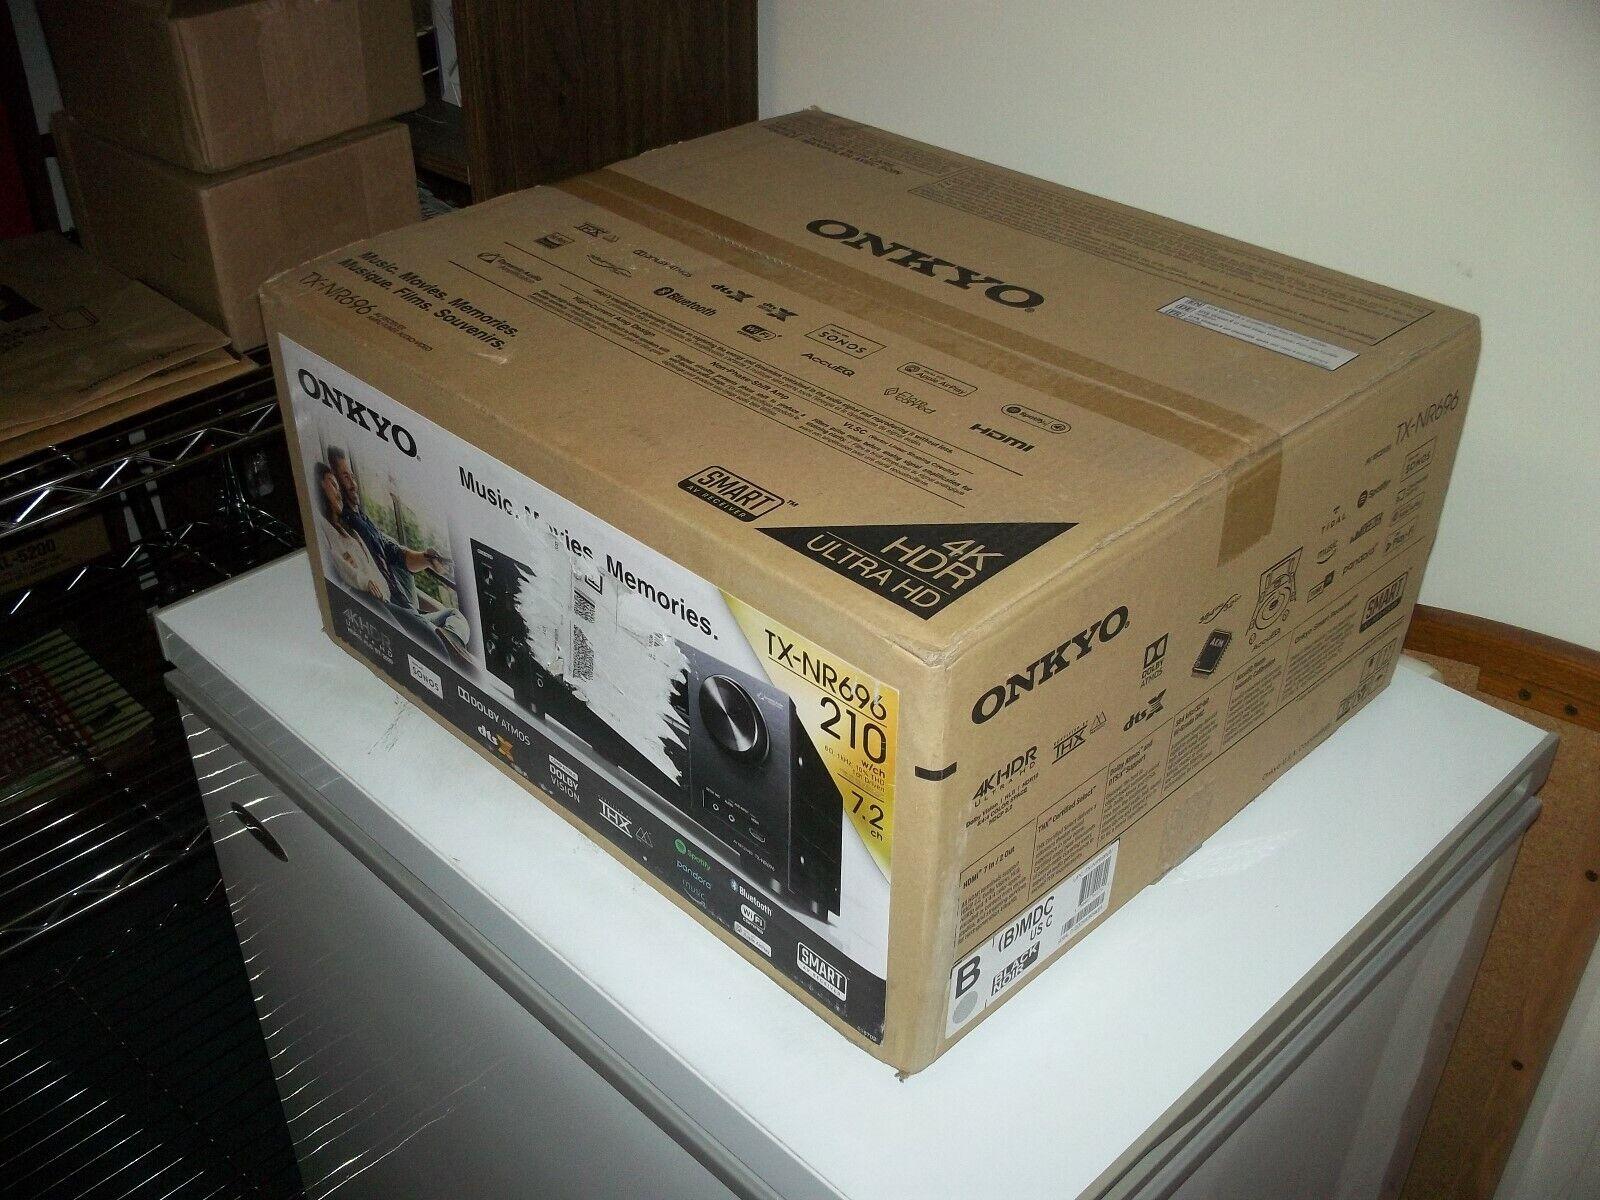 NEW Onkyo TX-NR696 7.2 Channel 4K Ultra HD AV Receiver w/ Do